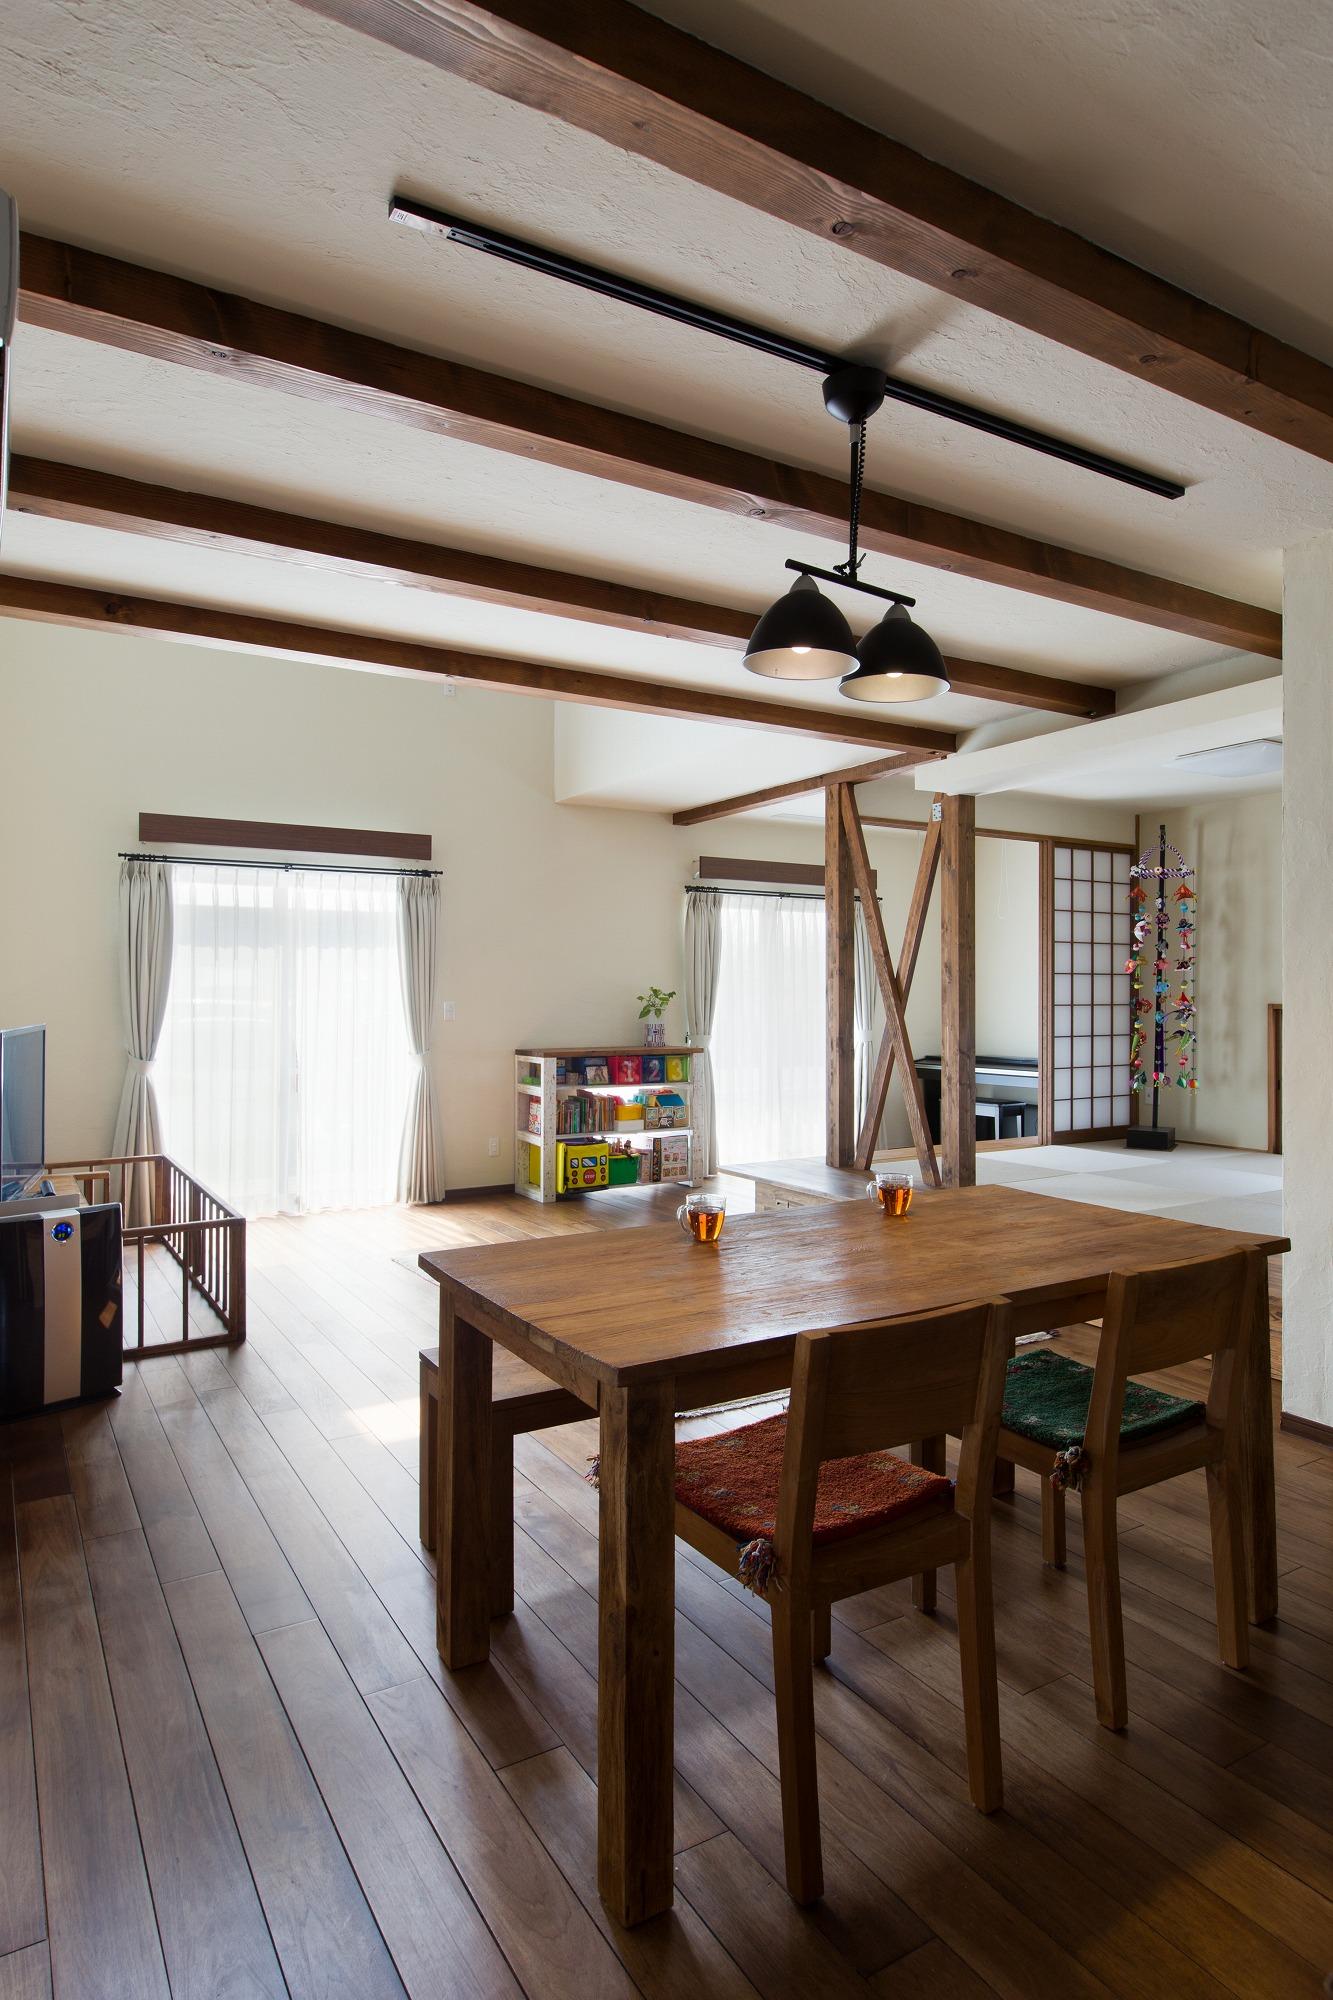 美濃加茂の匠建で希望が叶った暖かい家